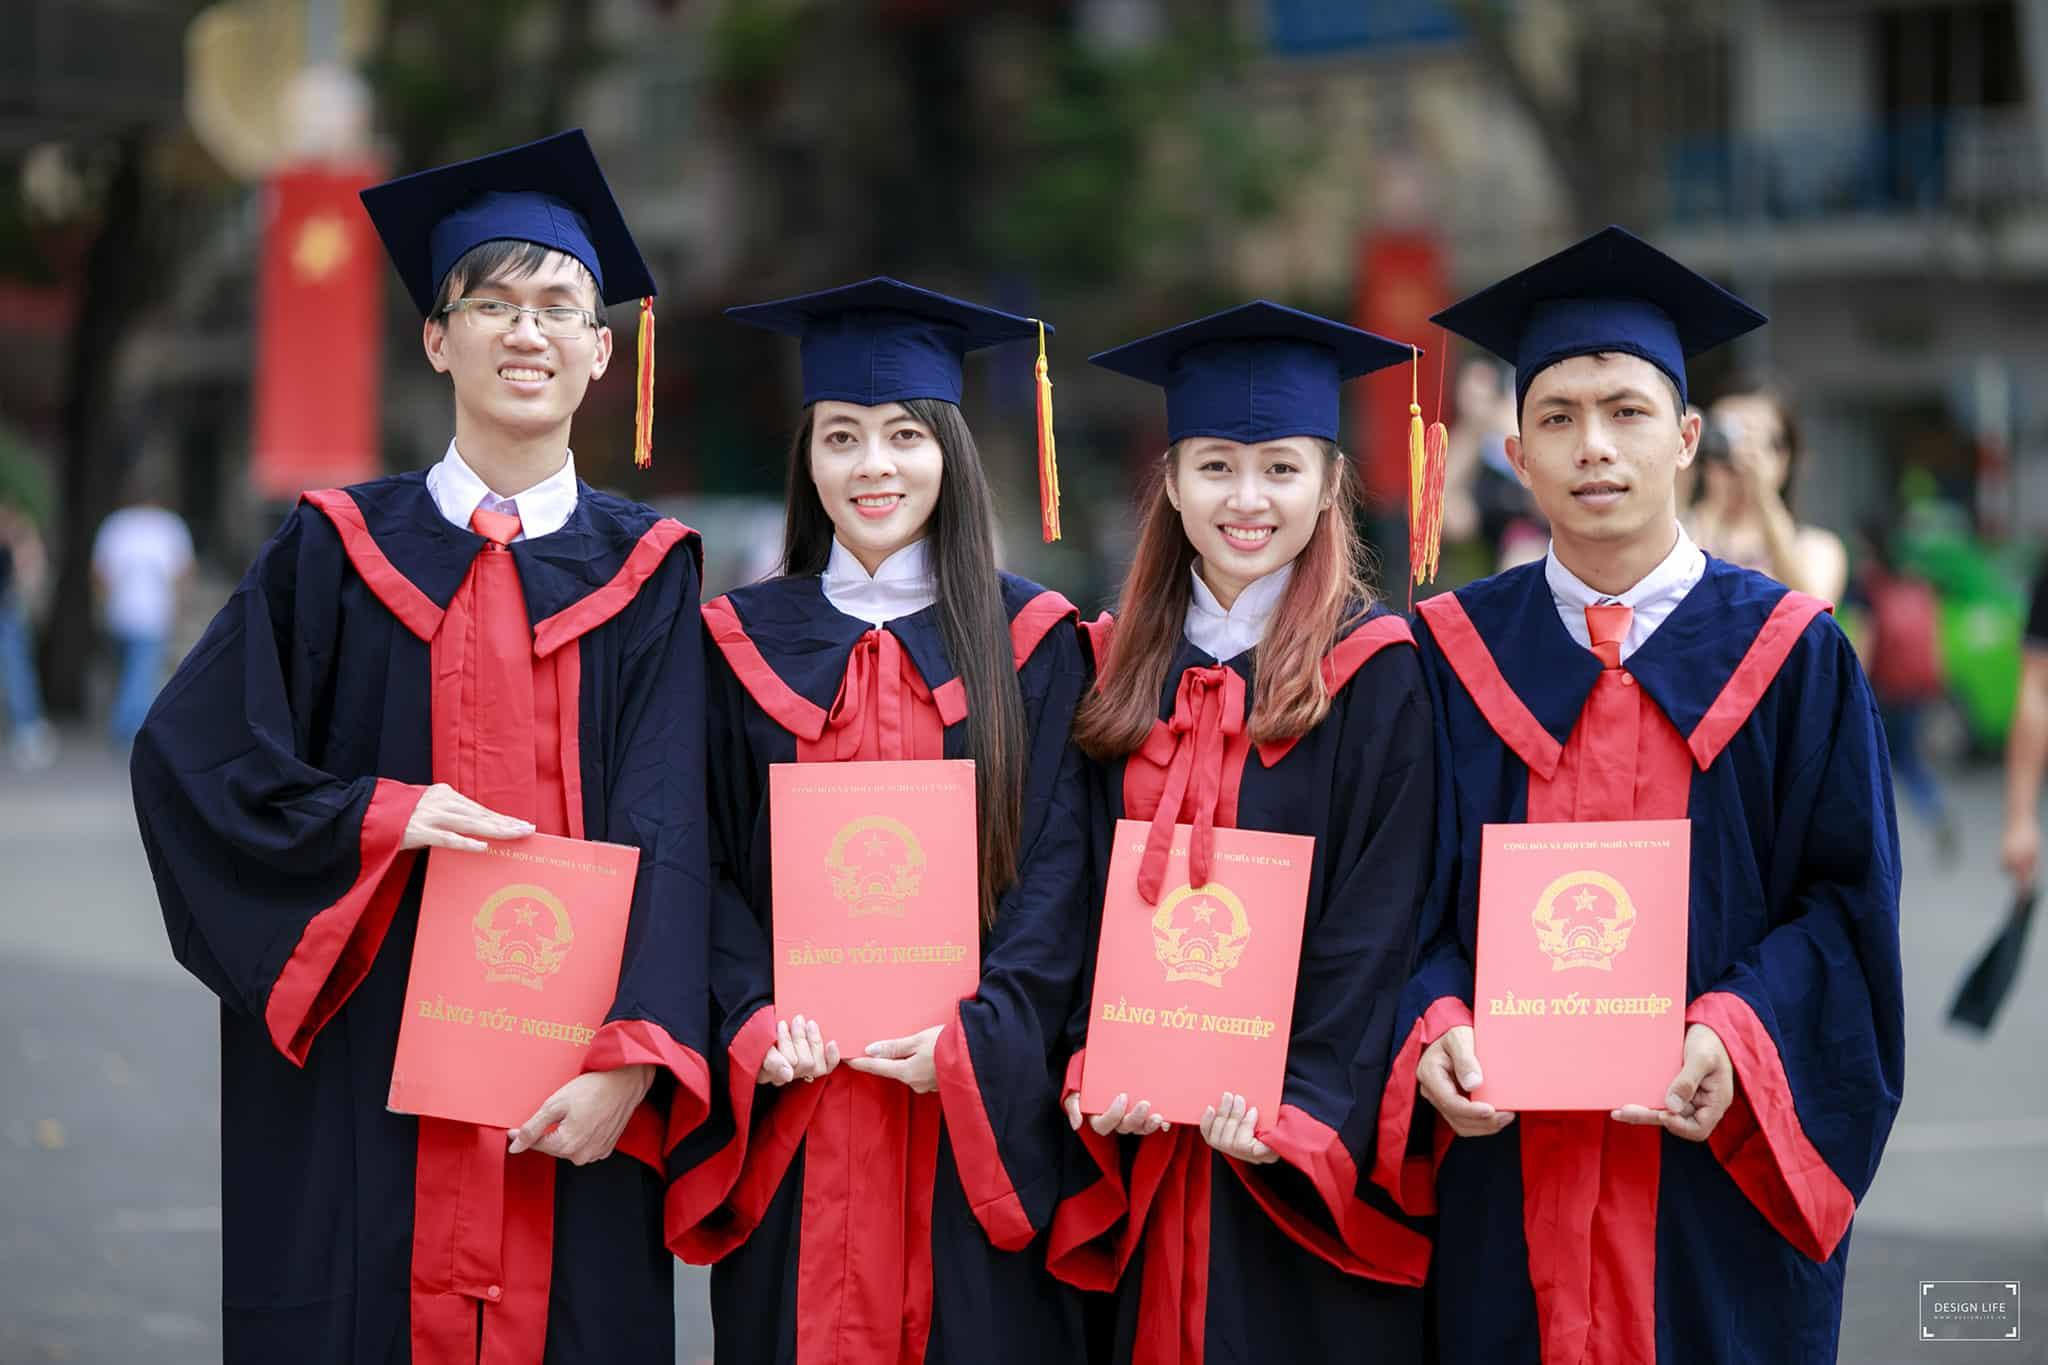 học văn bằng 2 đại học hay thạc sĩ có lợi hơn